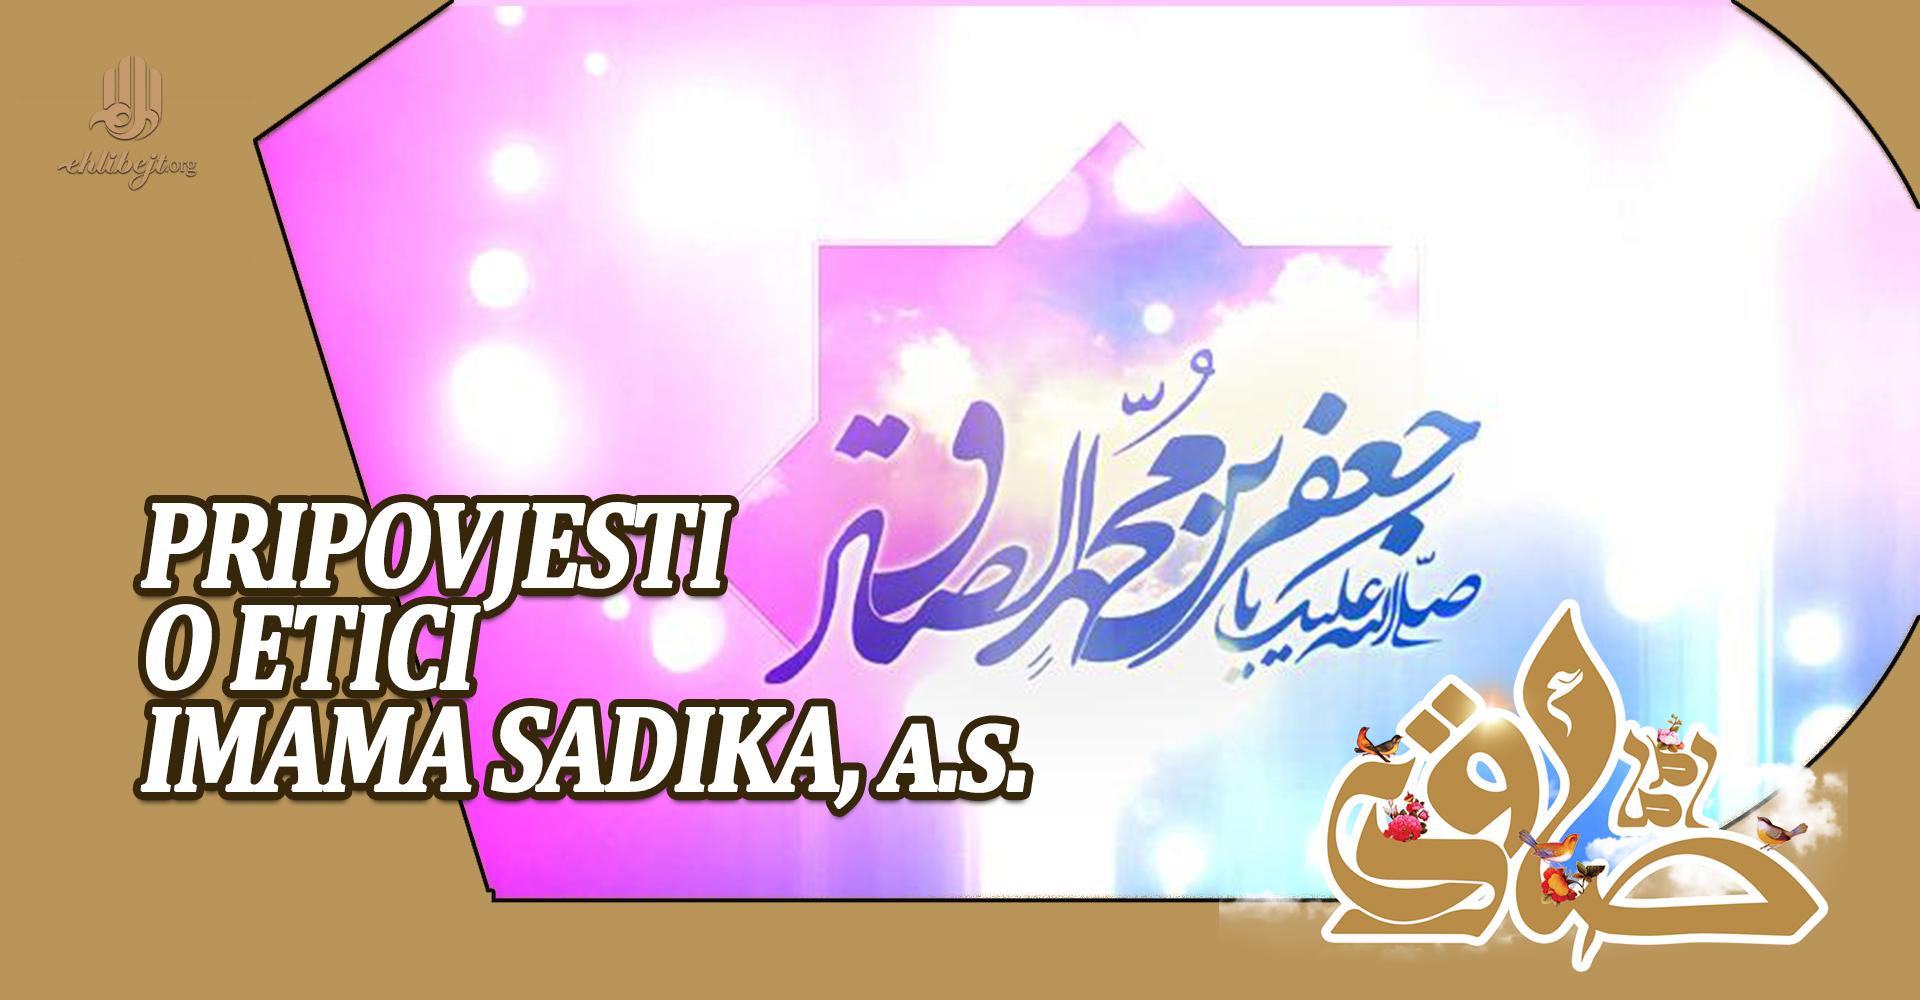 Pripovjesti o etici i ponašanju Imama Sadika, a.s.